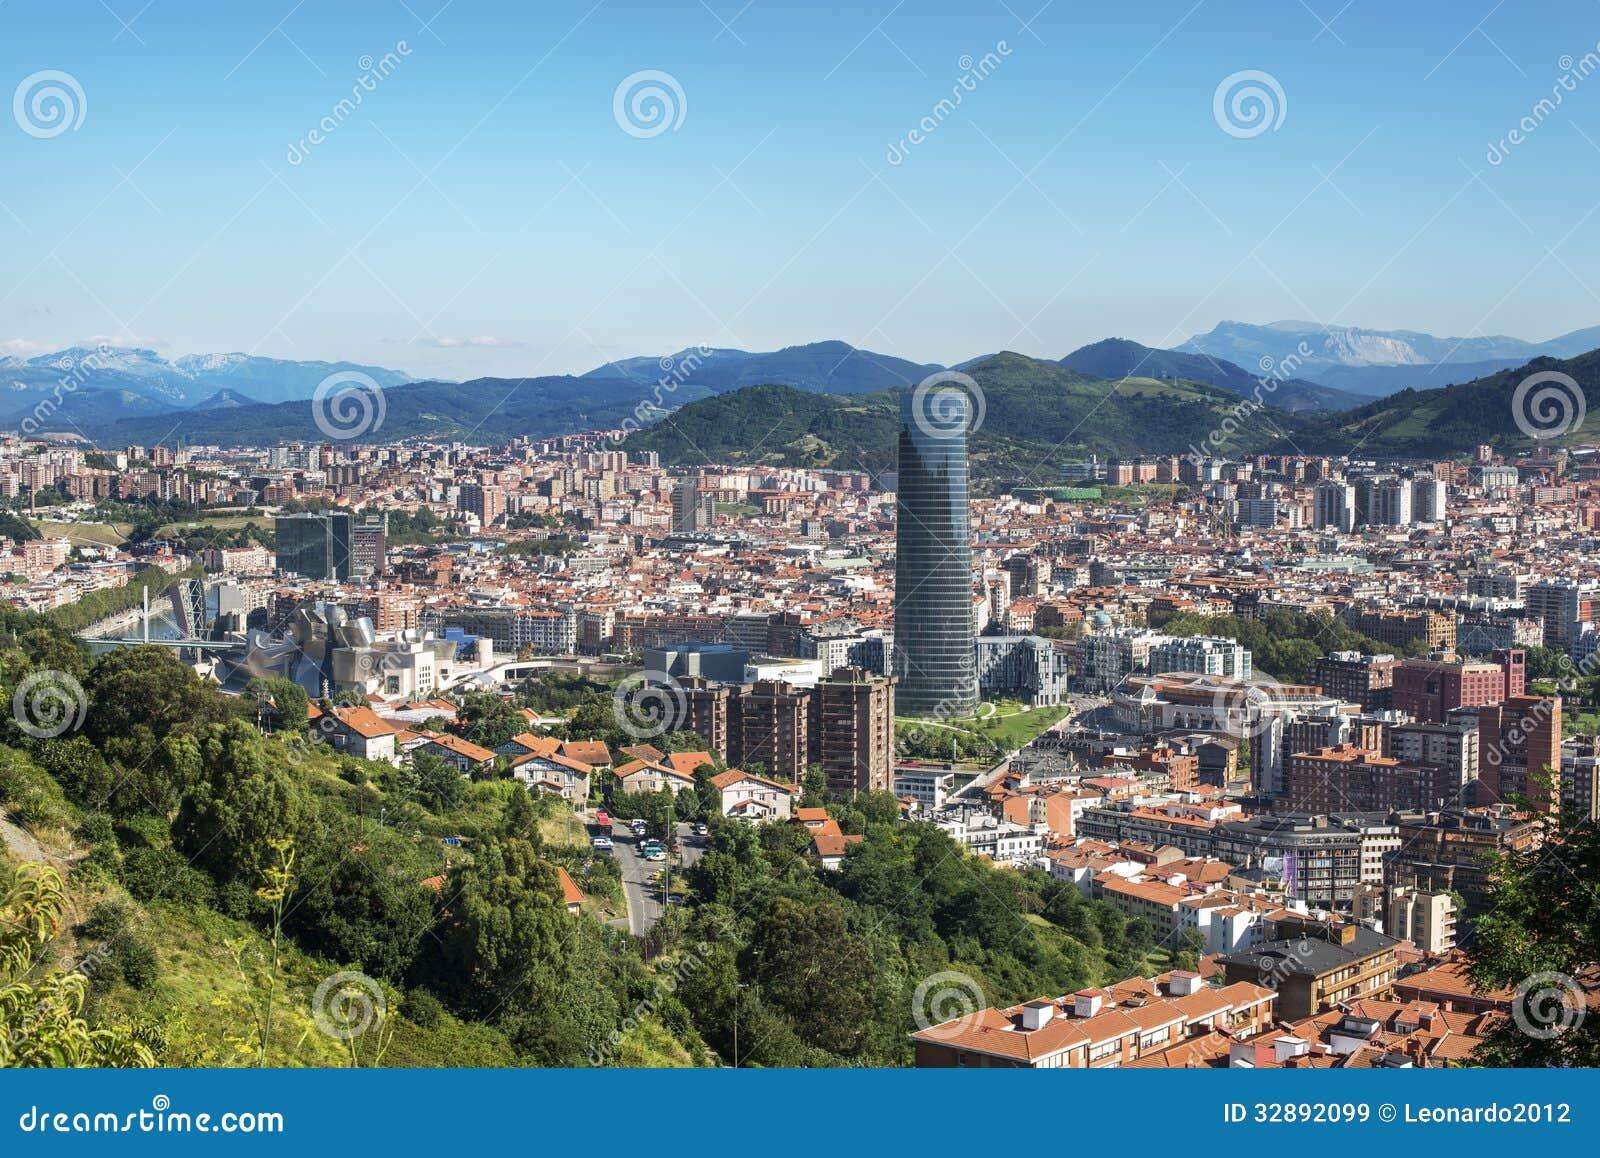 Vues panoramiques de ville de bilbao bizkaia pays basque for Piscine bilbao